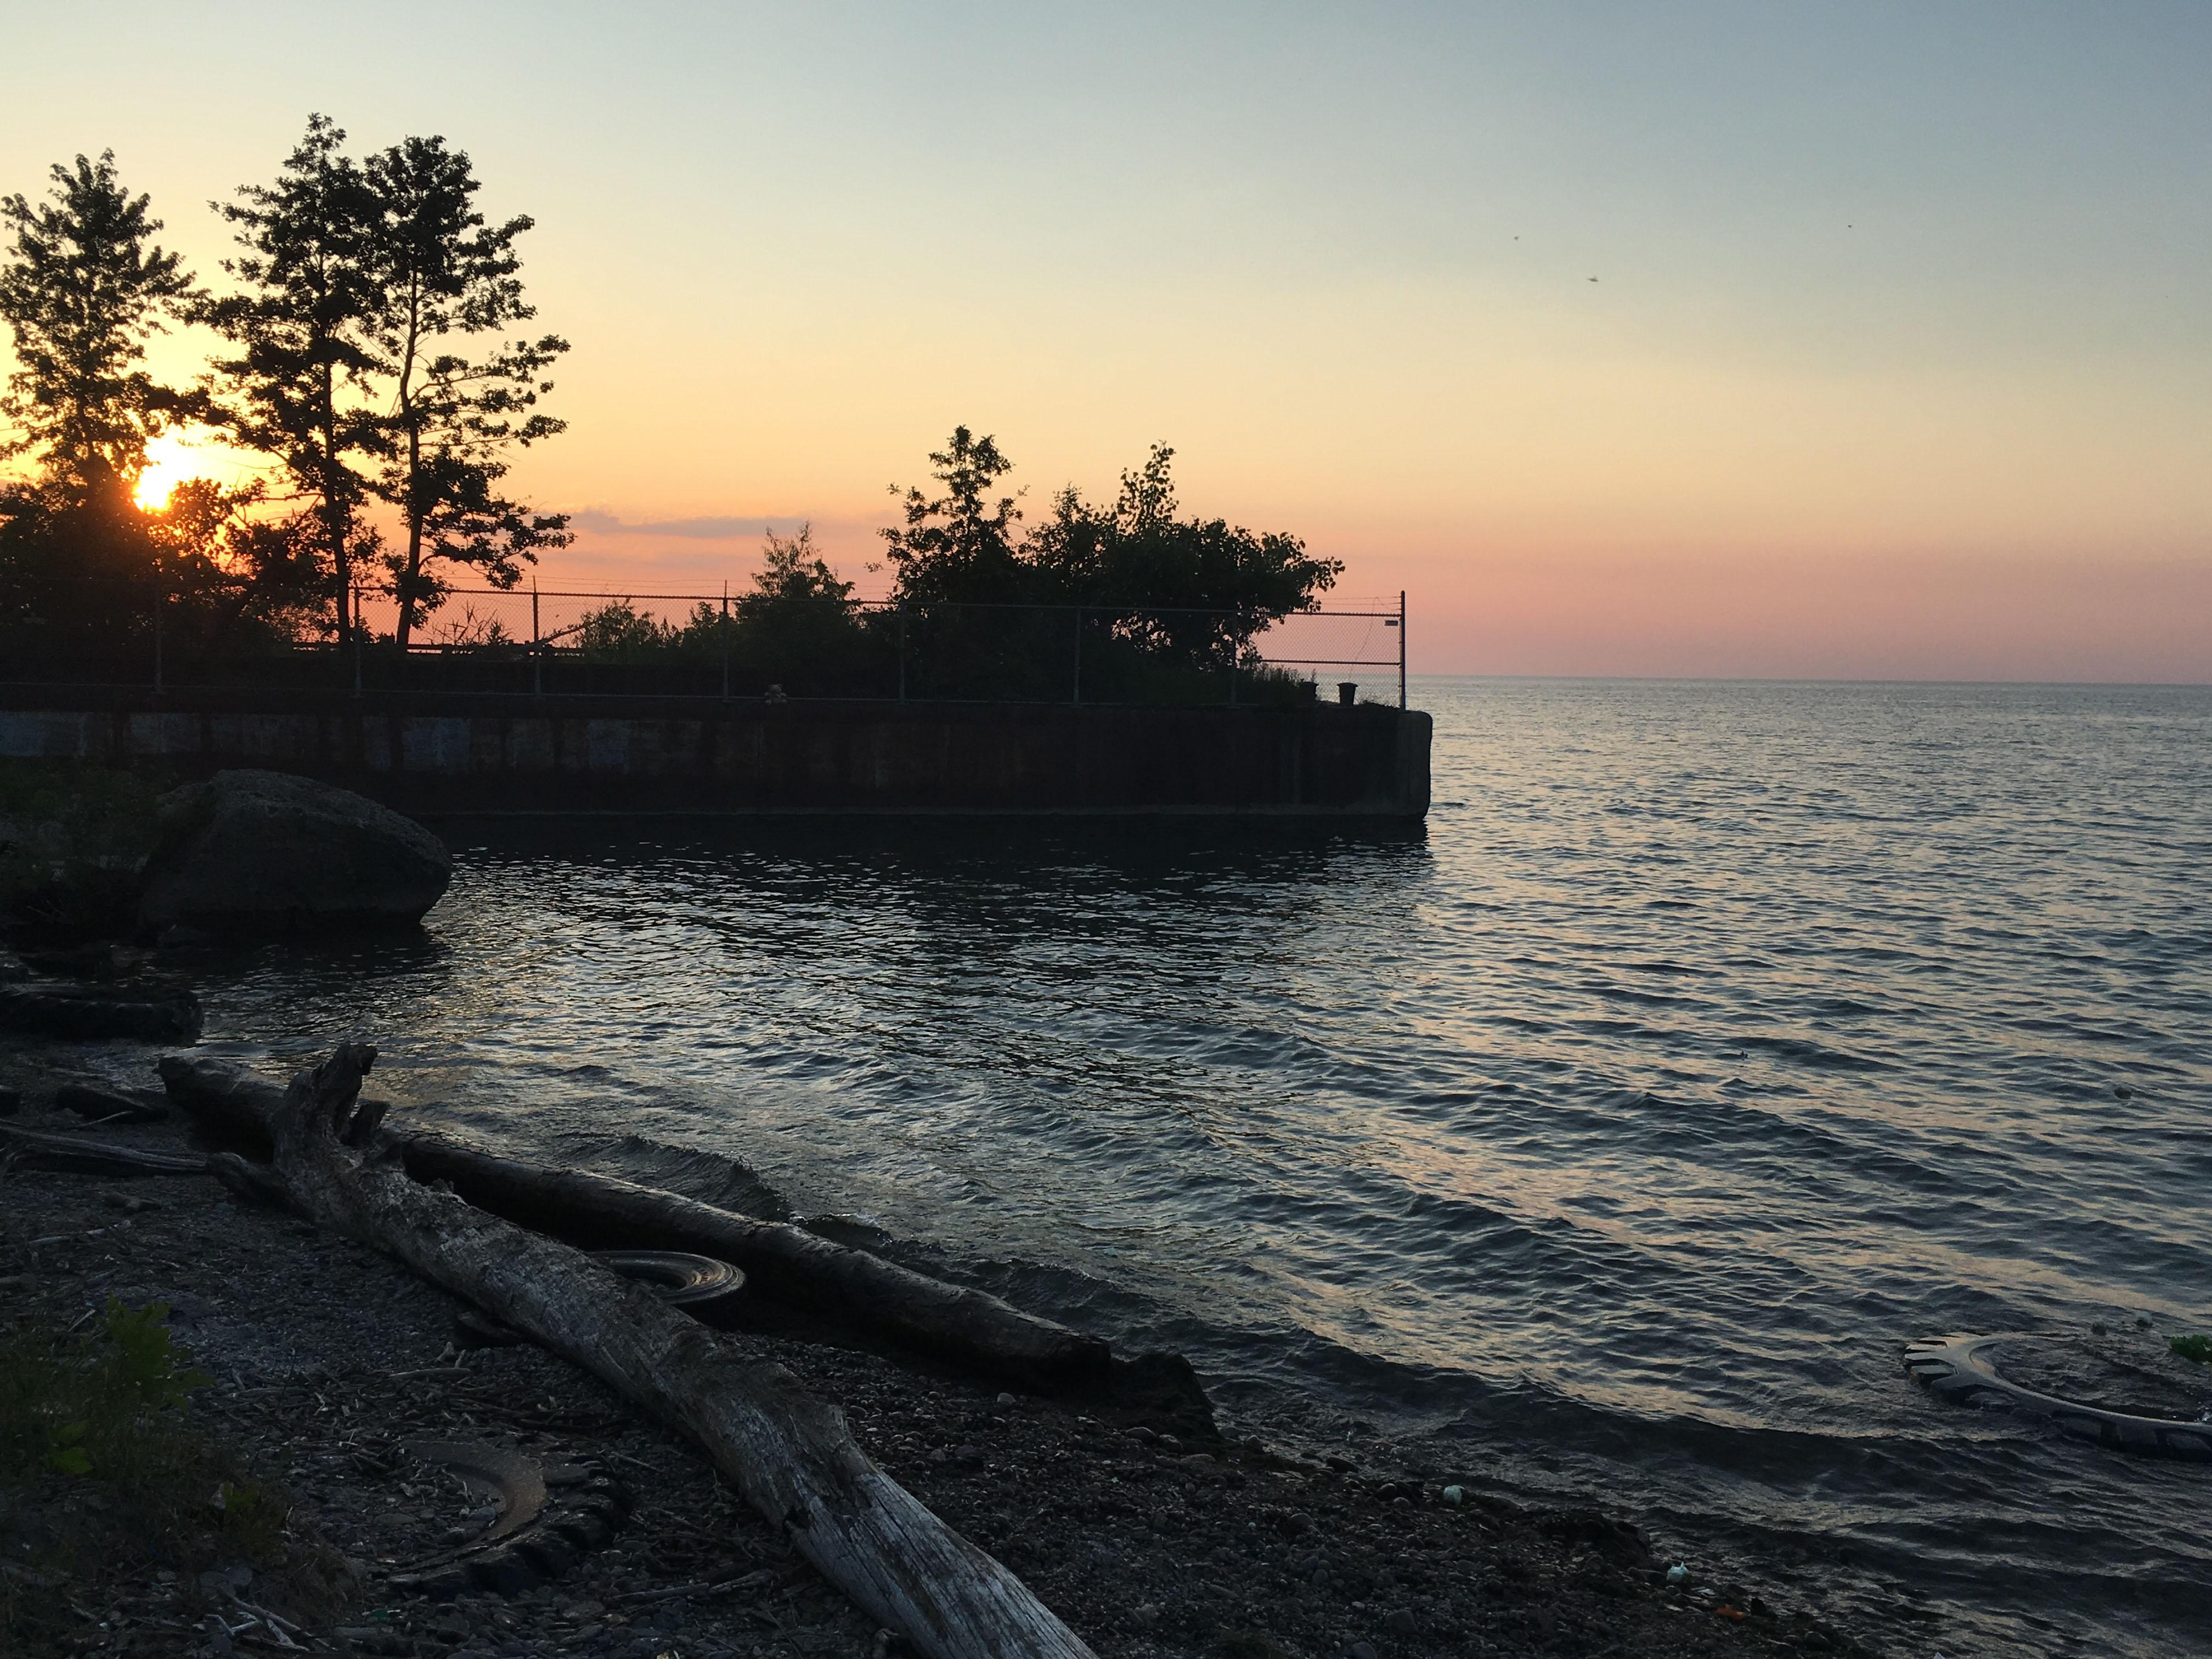 Caption: Lake Erie, Credit: Elizabeth Miller